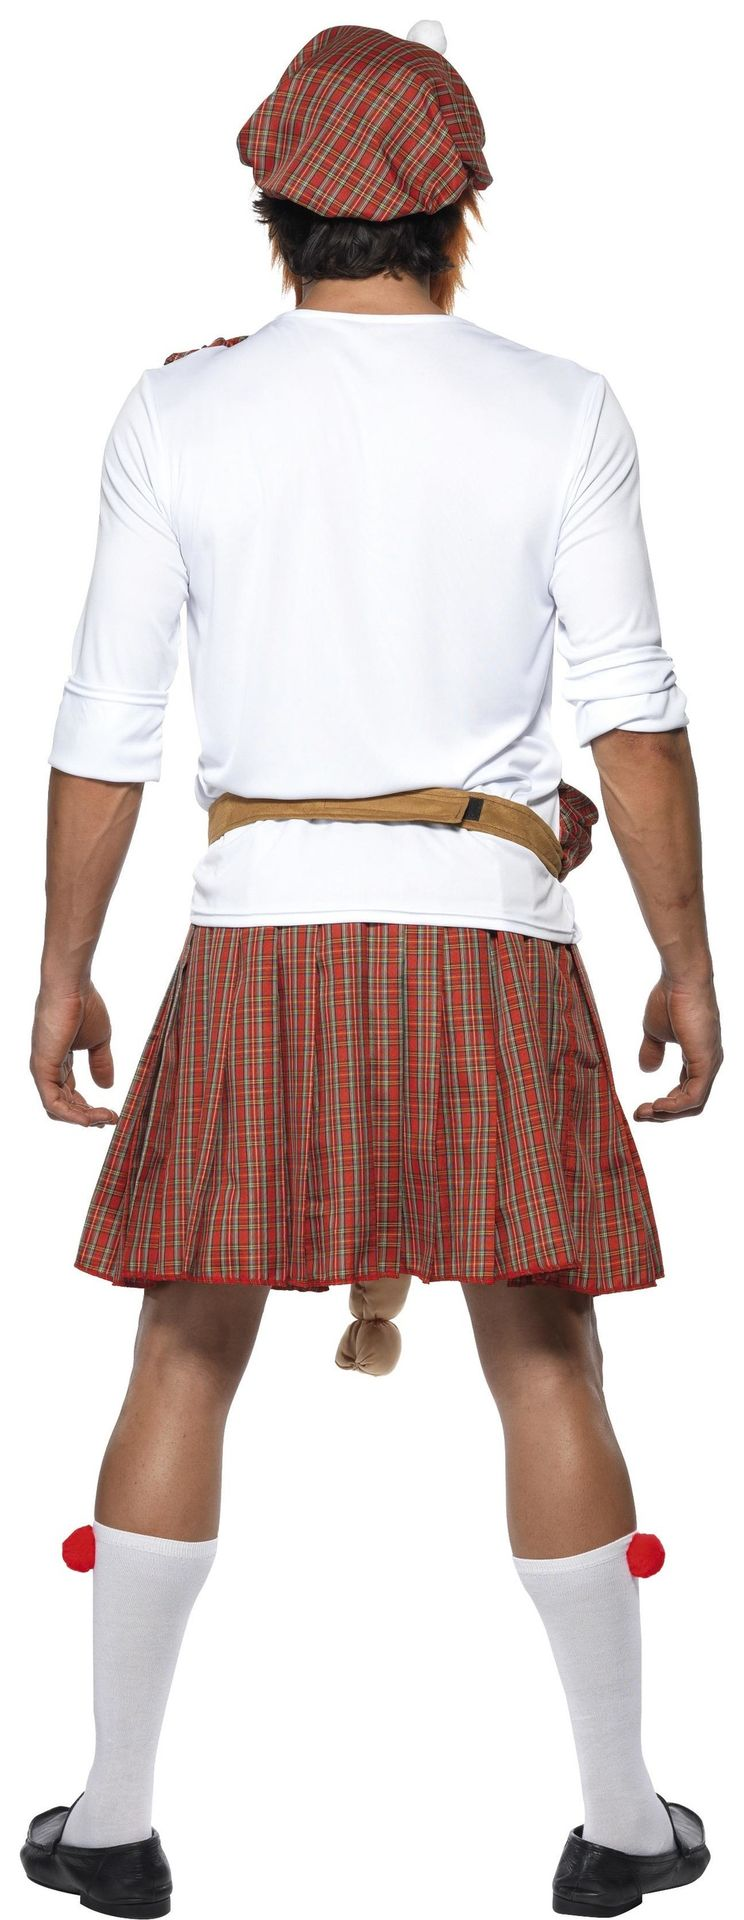 Schotse rok met verrassing